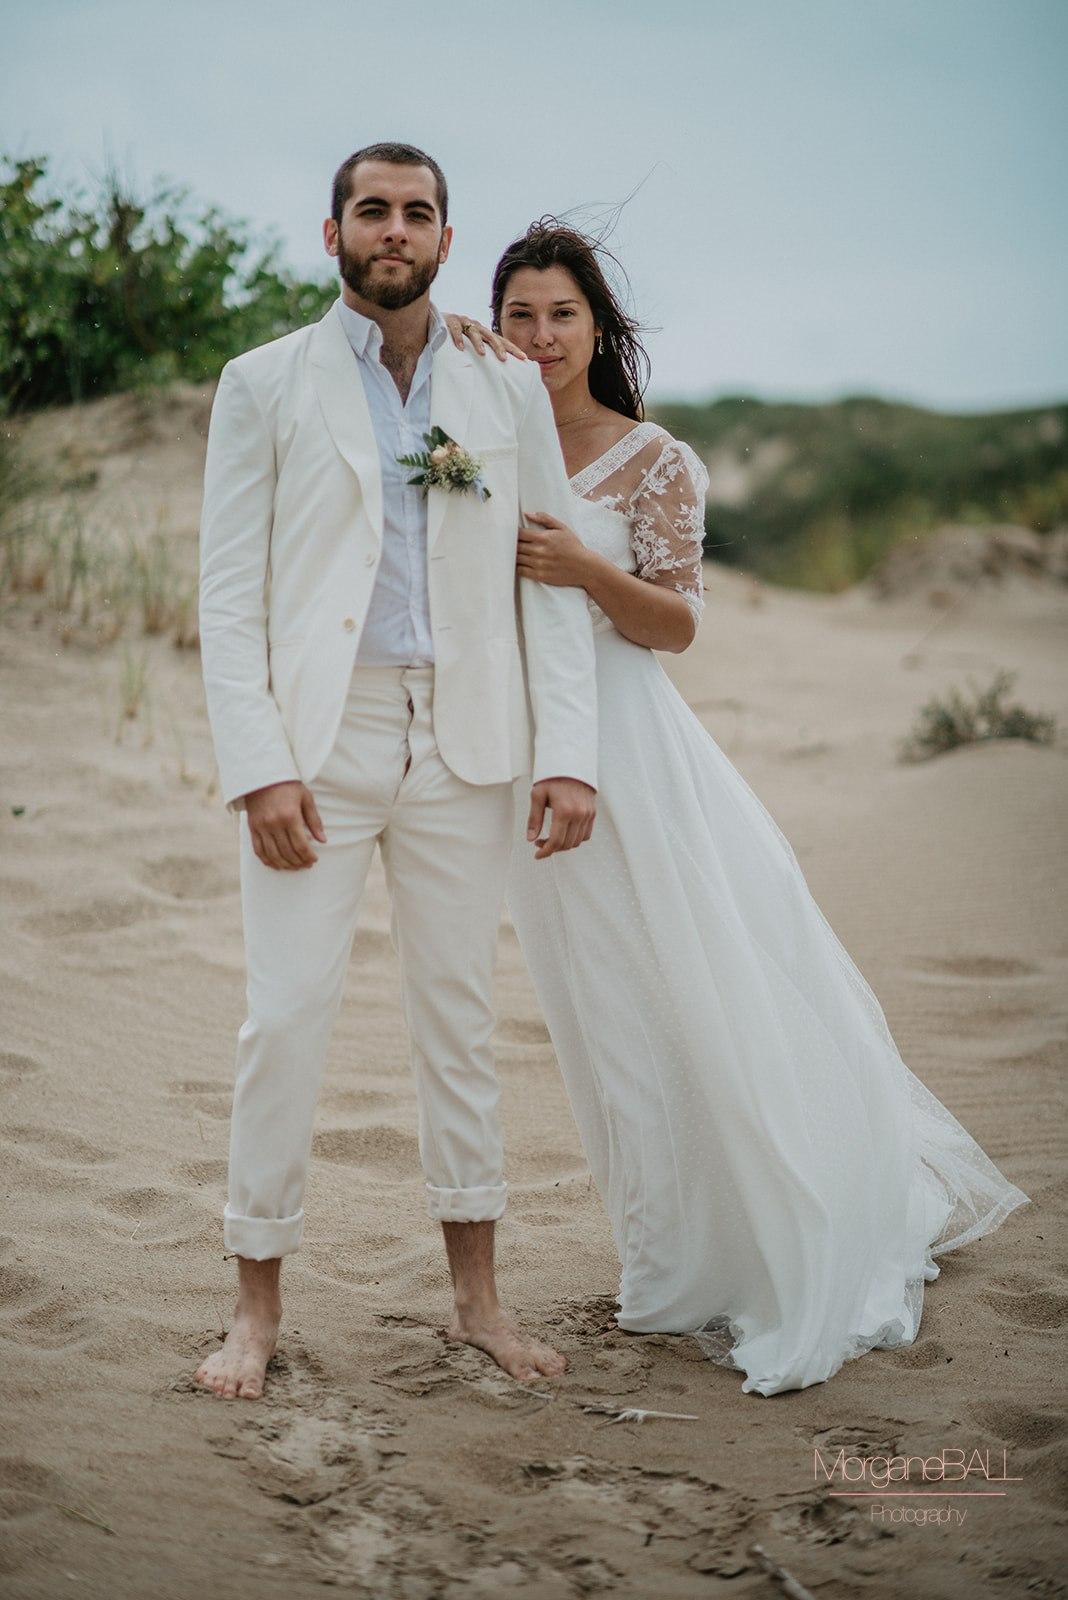 Ma déco aux petits oignons - Shooting d'inspiration tropical - couple et tenues des mariés